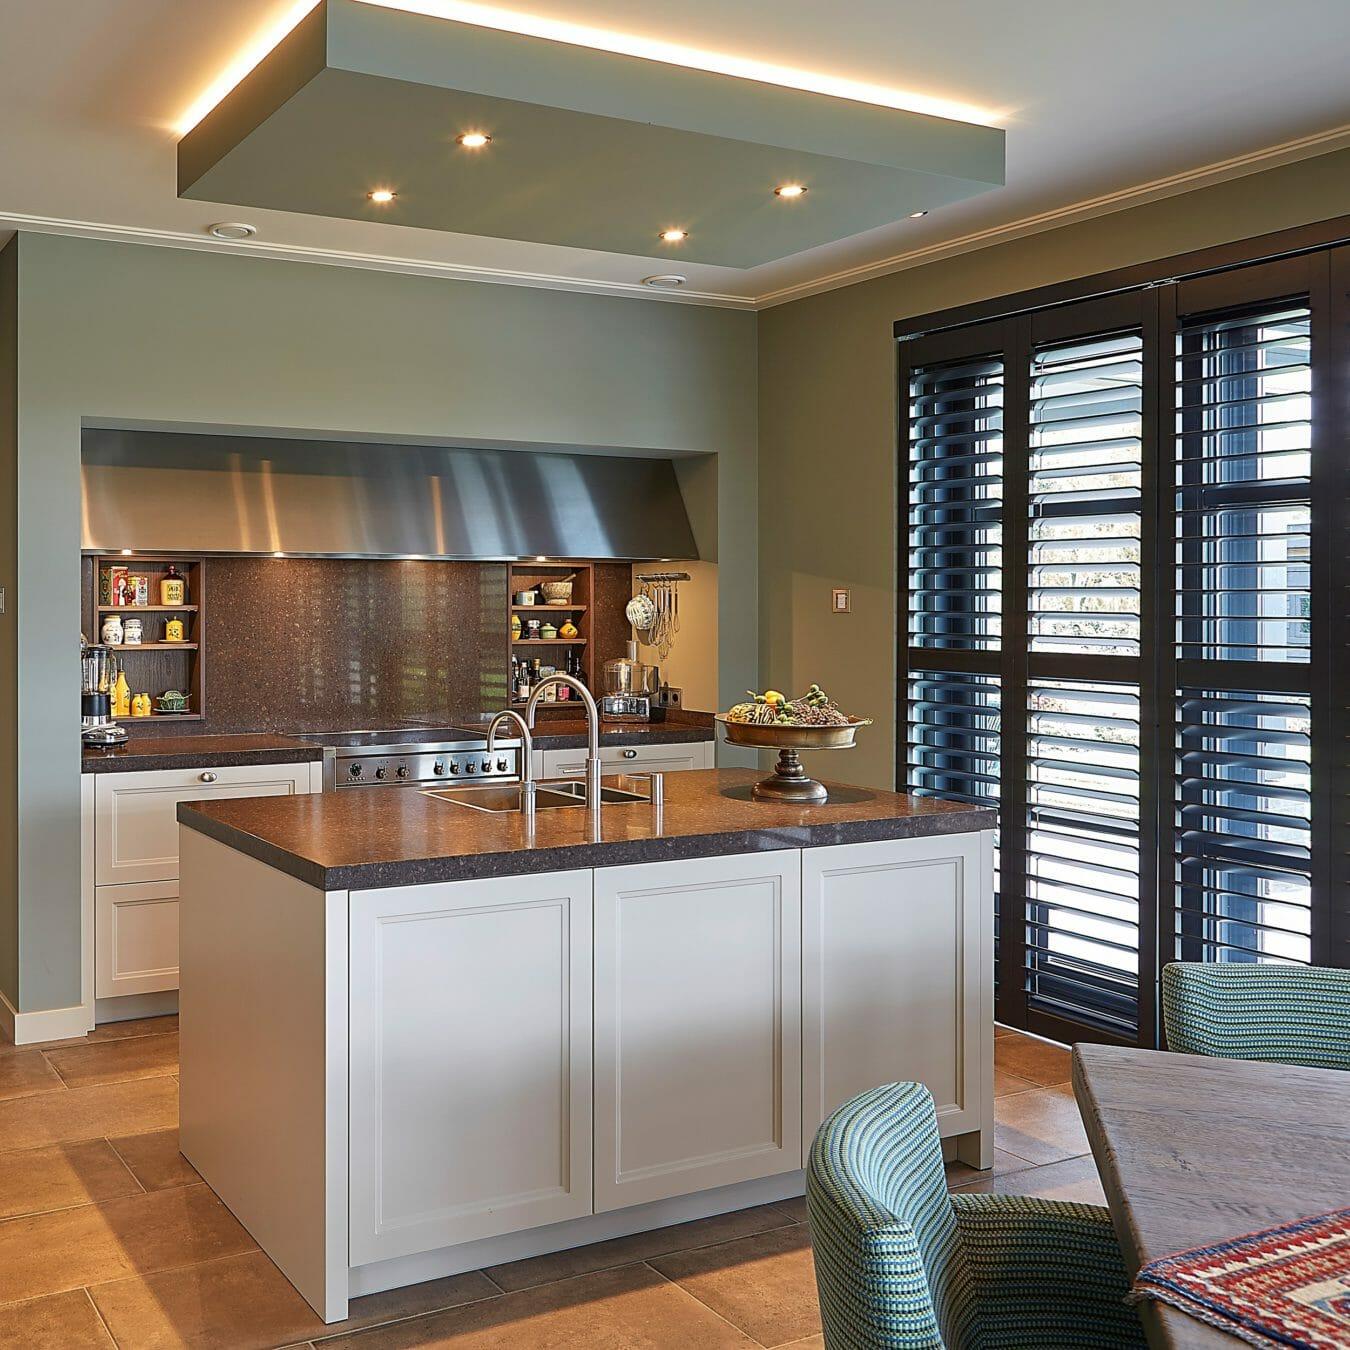 Donkere shutters in keuken